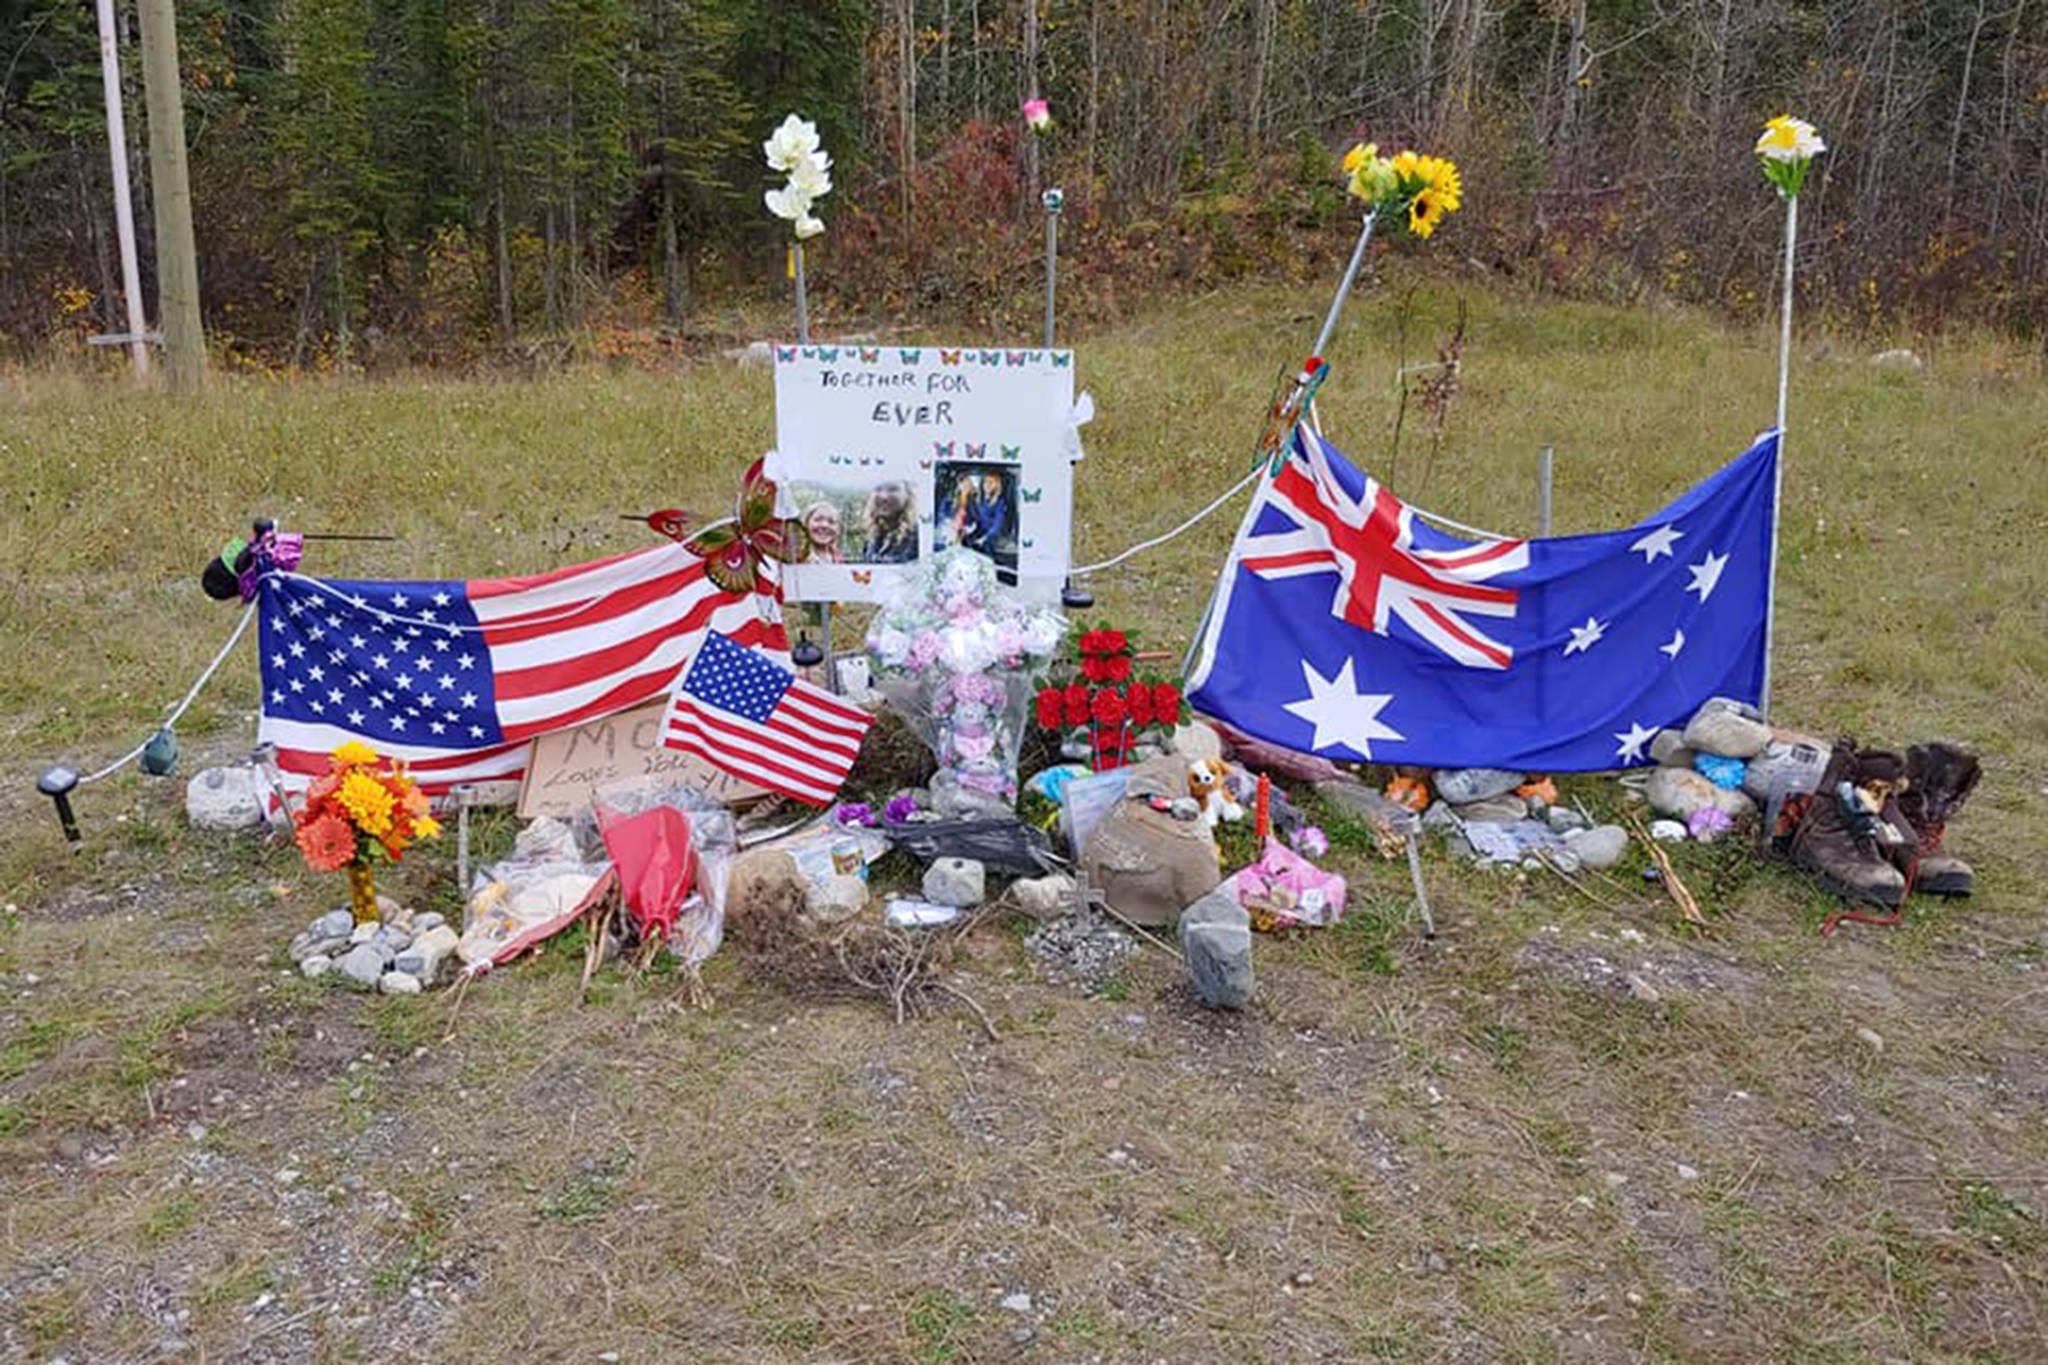 Memorial along the Alaska Highway for murdered tourist couple Chynna Deese and Lucas Fowler on Oct. 4, 2019. (John Van Vyfeyken/Facebook)